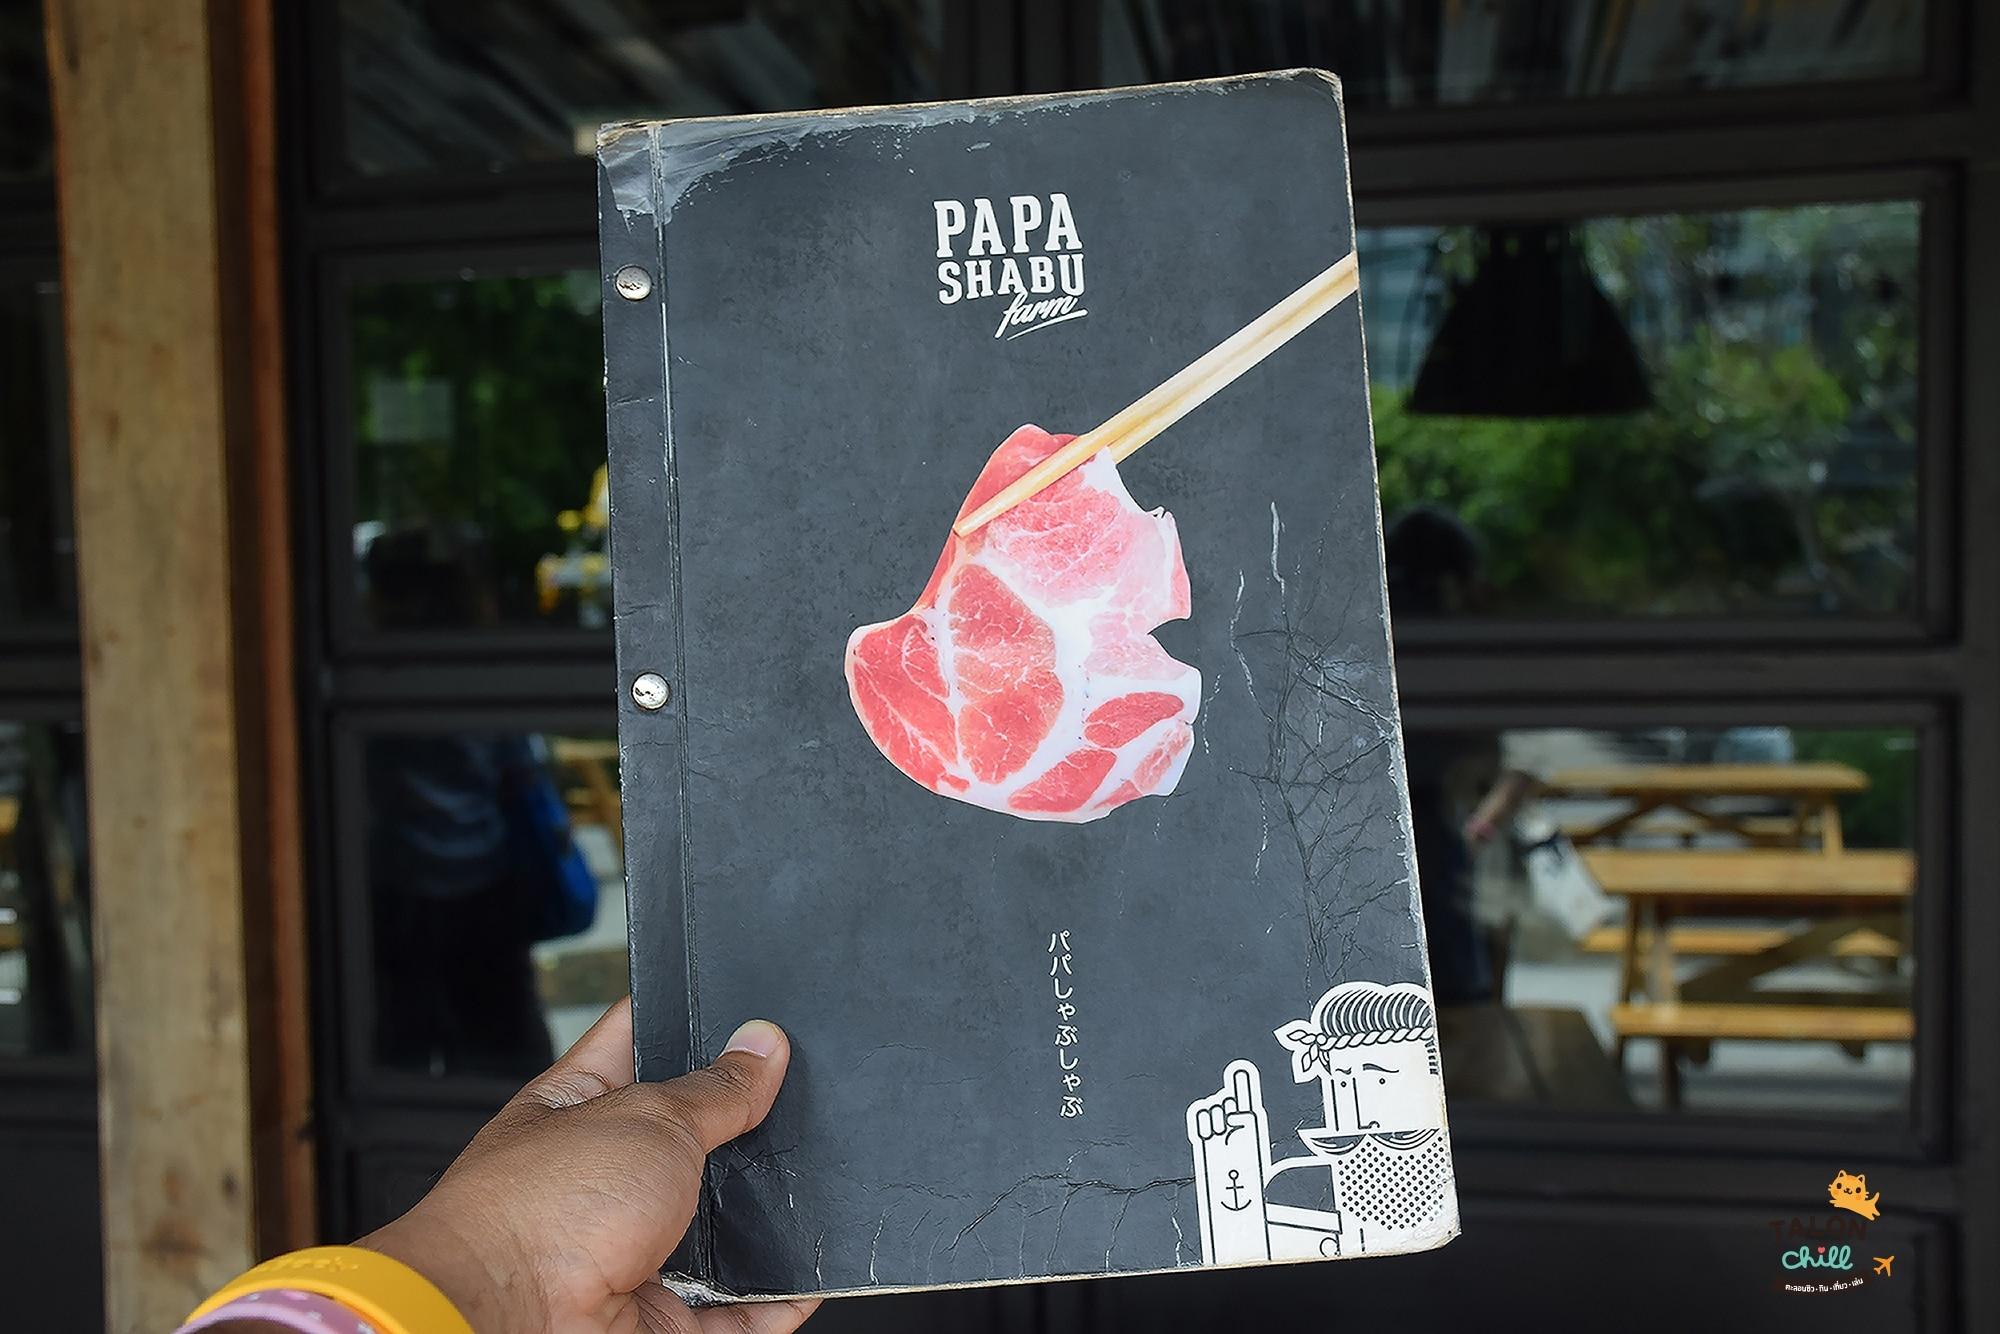 [รีวิว] ชาบู PAPA SHABU FARM (ปาป้าชาบูฟาร์ม) ฟาร์มชาบูสำหรับคนรักชาบู